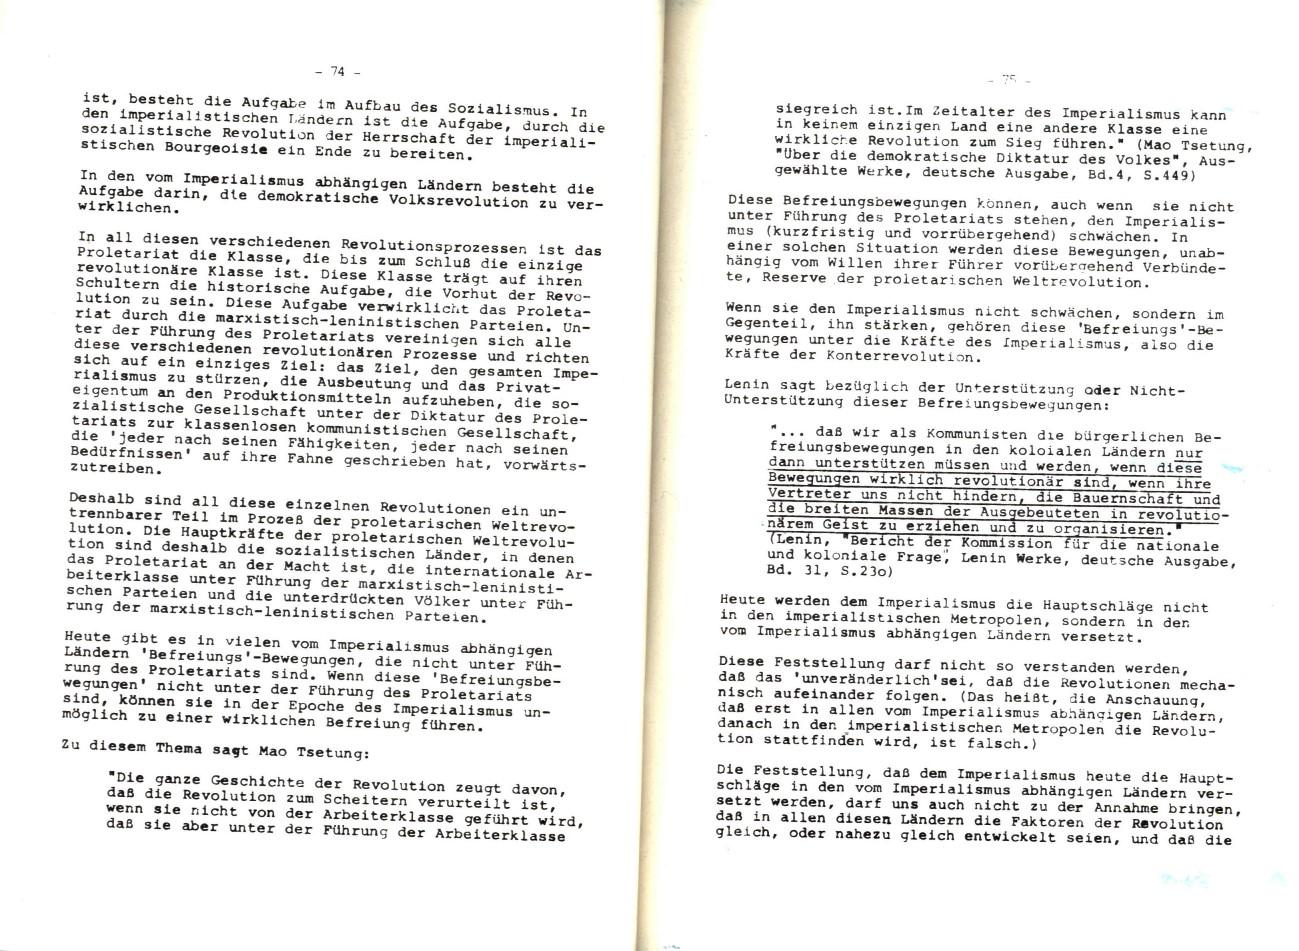 MLSK_Theorie_und_Praxis_des_ML_1978_21_46